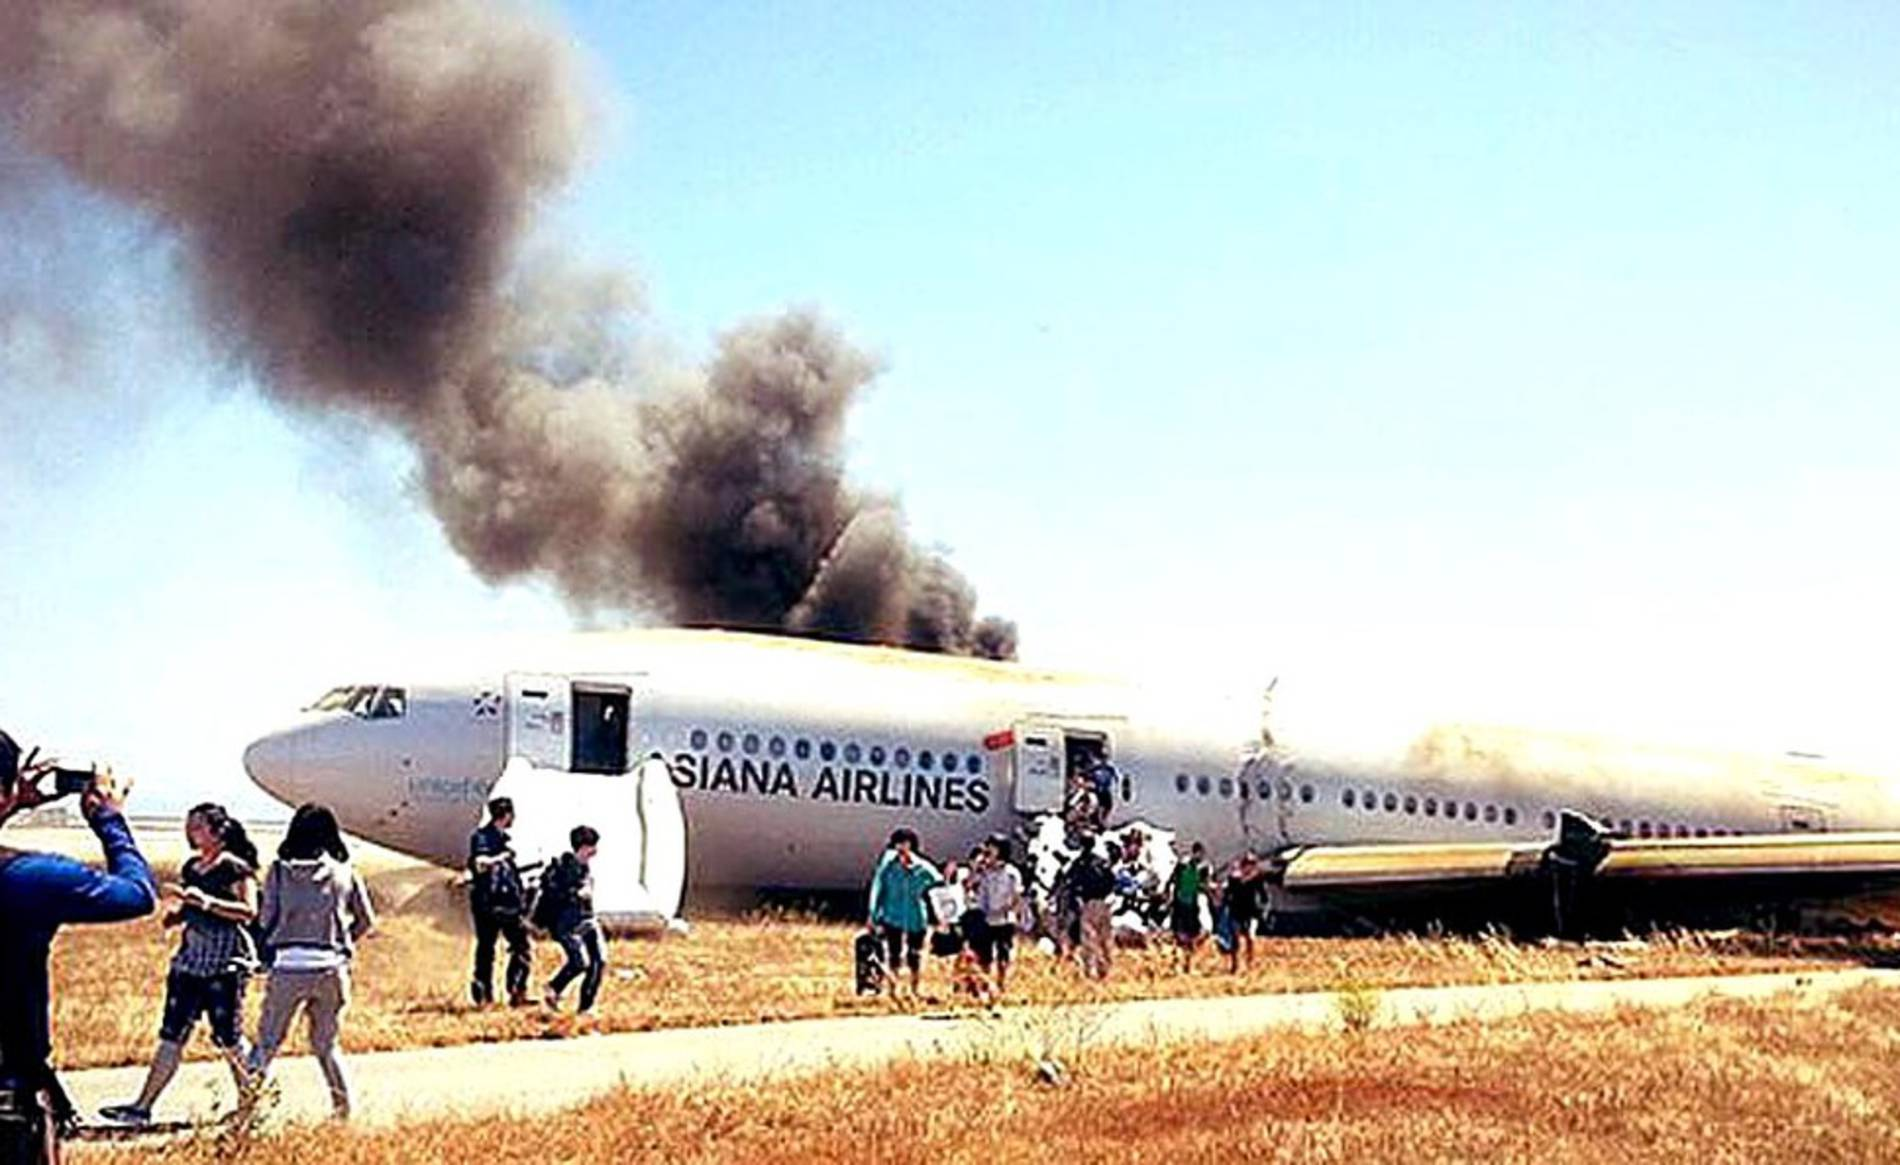 Dos muertos y 182 heridos en el accidente de un avión en San Francisco. El suceso se produjo cuando la aeronave se disponía a aterrizar.